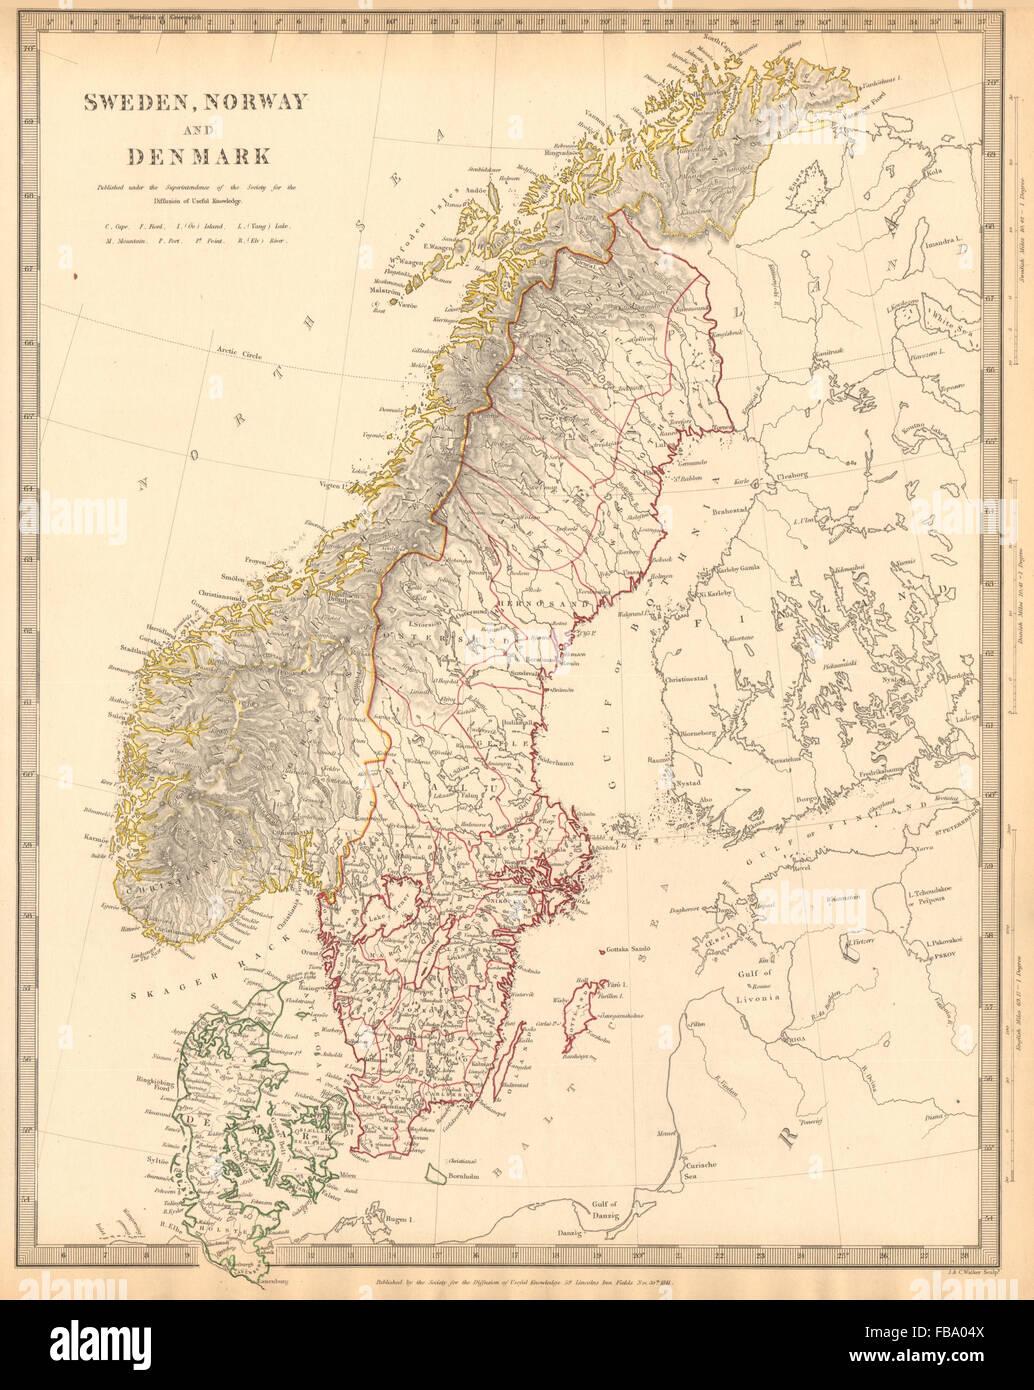 Karte Norwegen Dänemark.Skandinavien Schweden Norwegen Und Dänemark Bevölkerung Tabelle